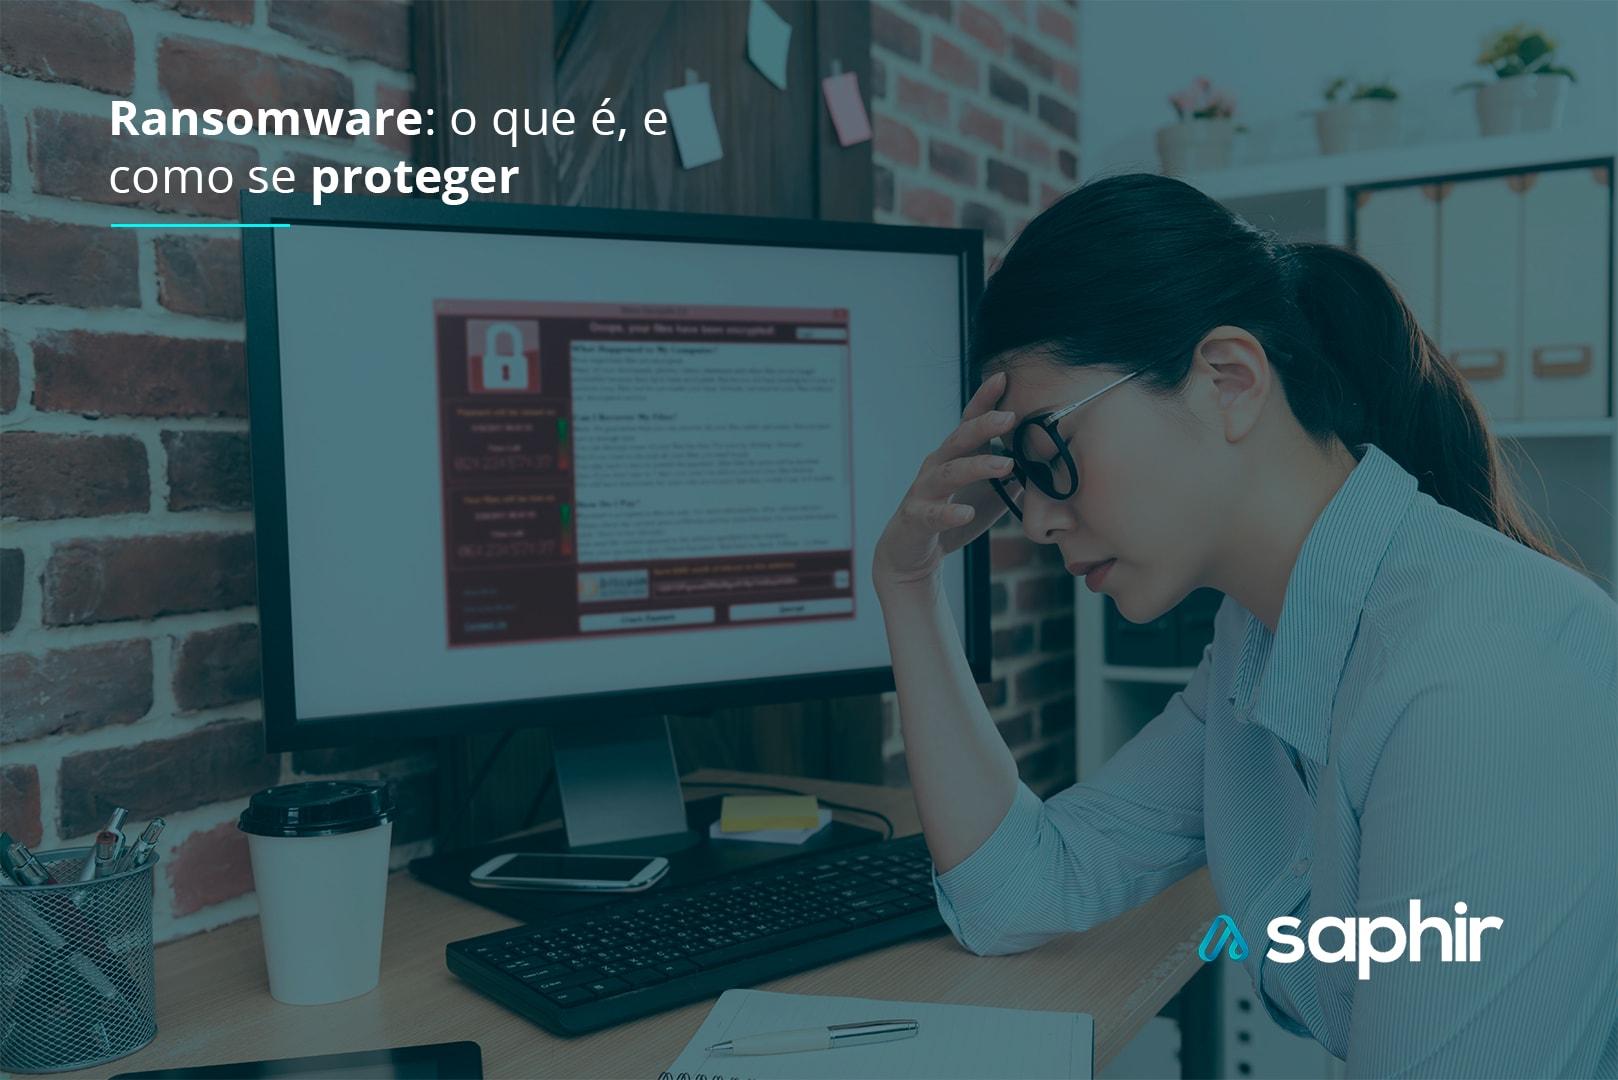 Ransomware: o que é como se proteger